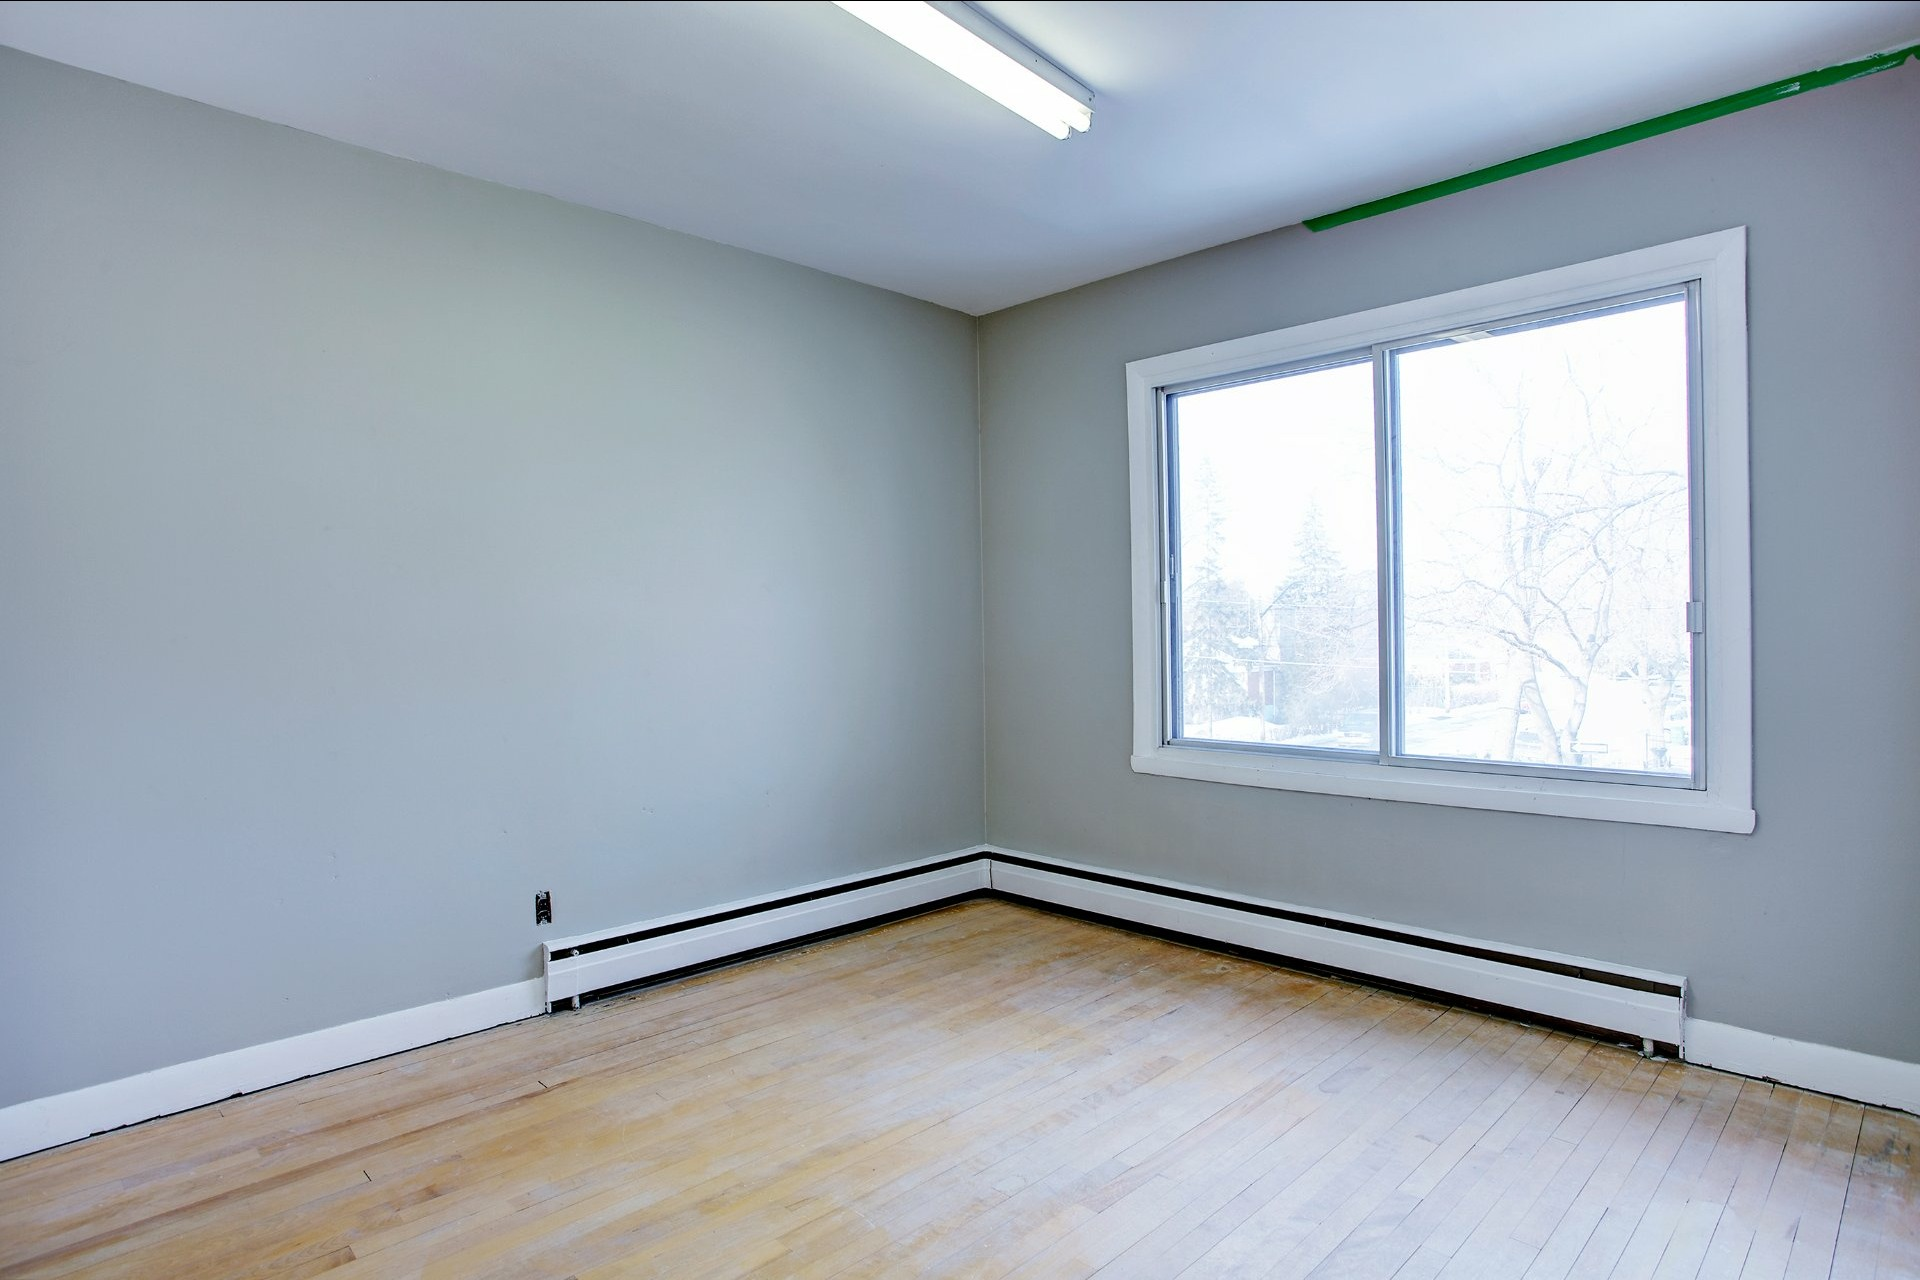 image 9 - Duplex À vendre Saint-Laurent Montréal  - 7 pièces